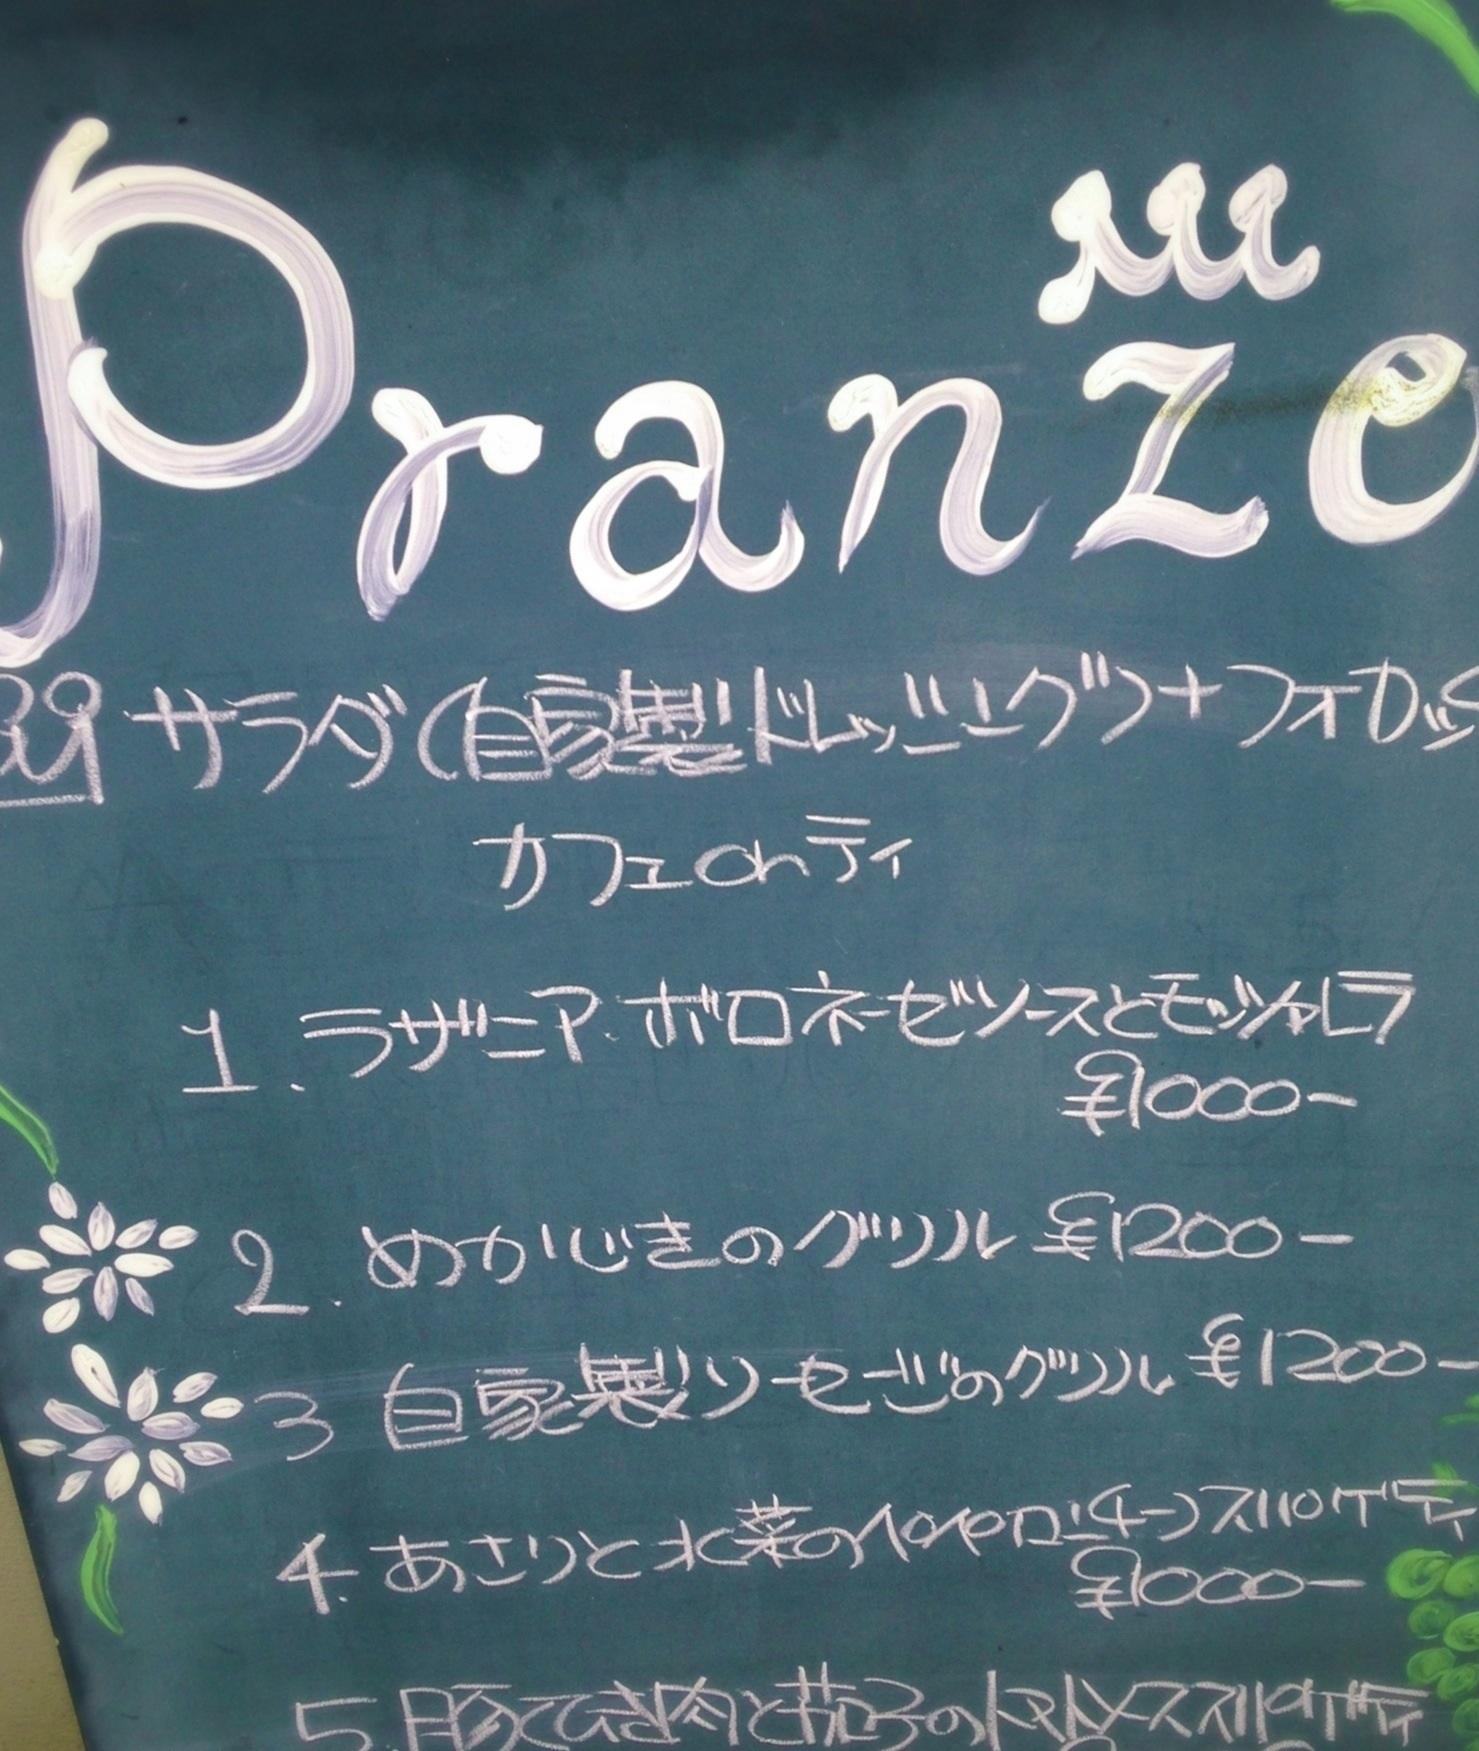 【渋谷】美味しすぎるラザニアのお店「ボナペティート(Buonappetito)」のメニュー